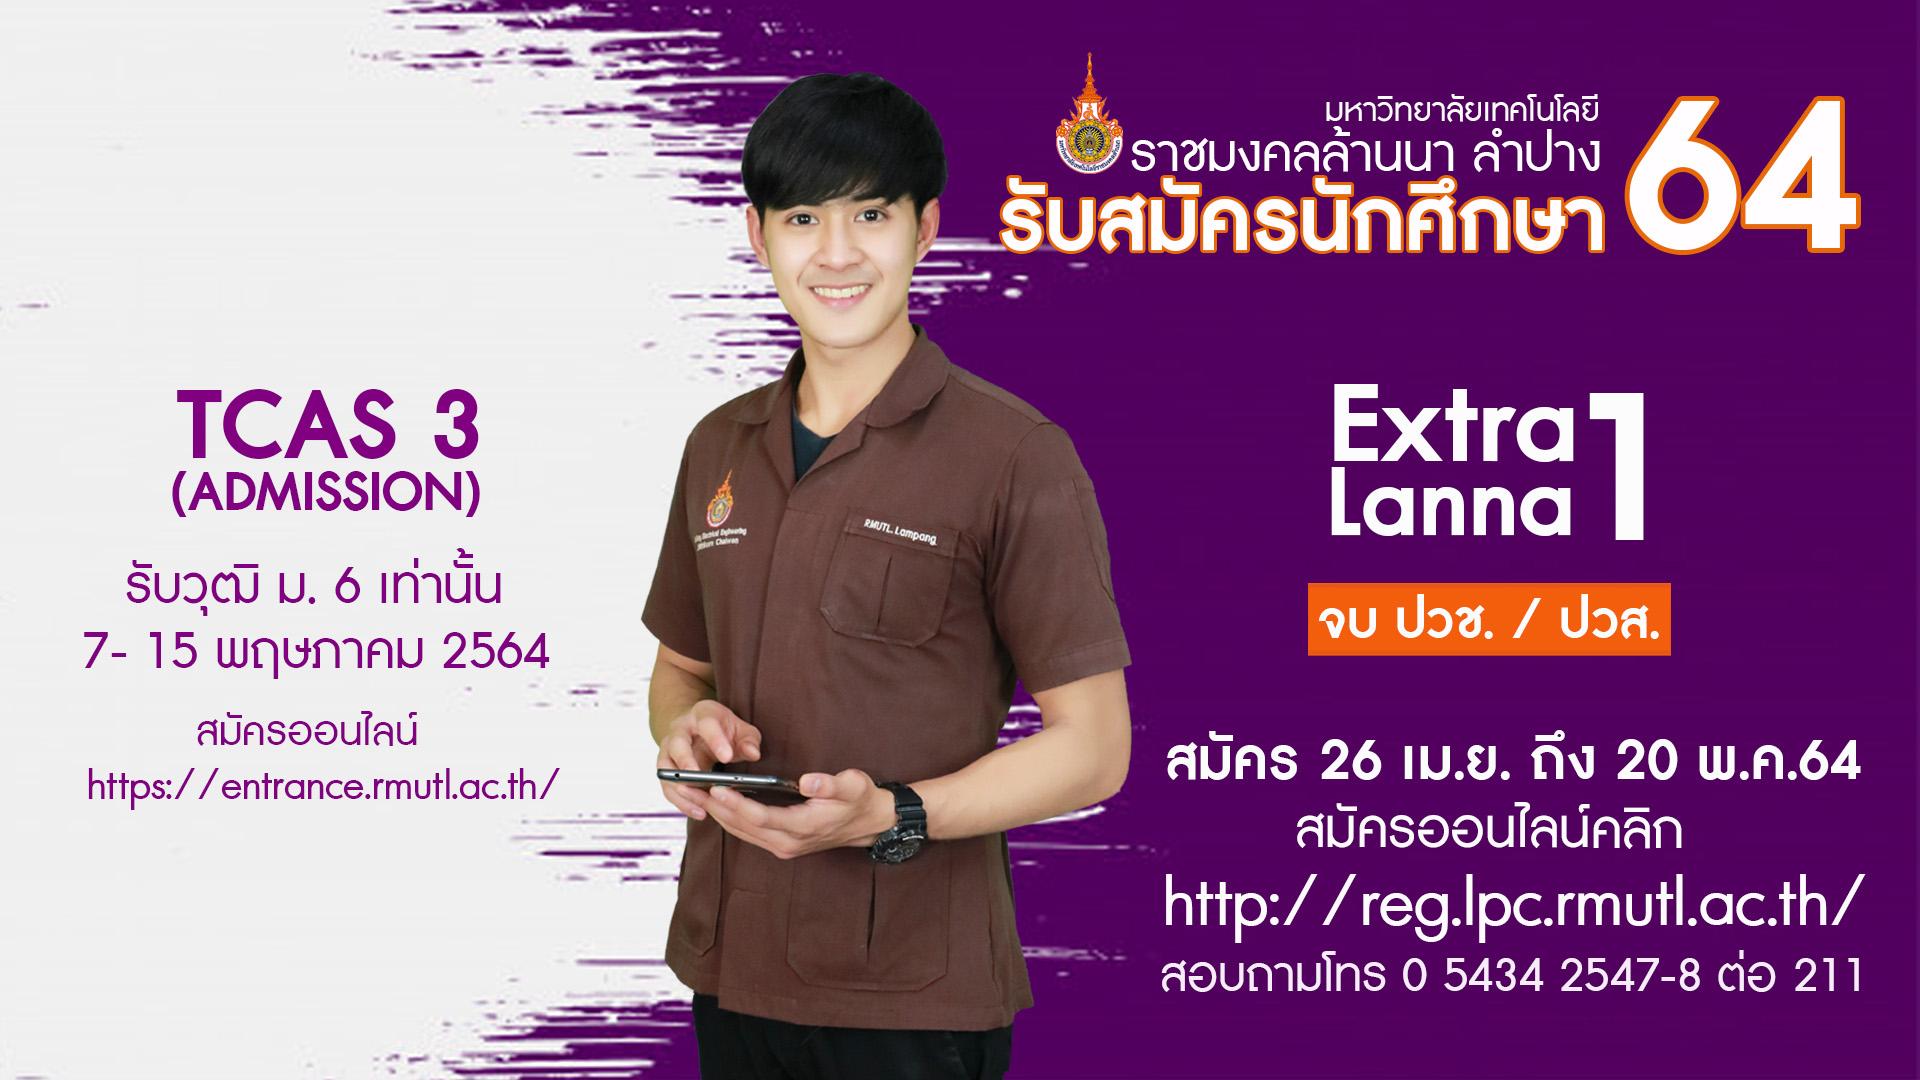 รับสมัครนักศึกษาใหม่ ปีการศึกษา 2564 รอบ Extra Lanna1